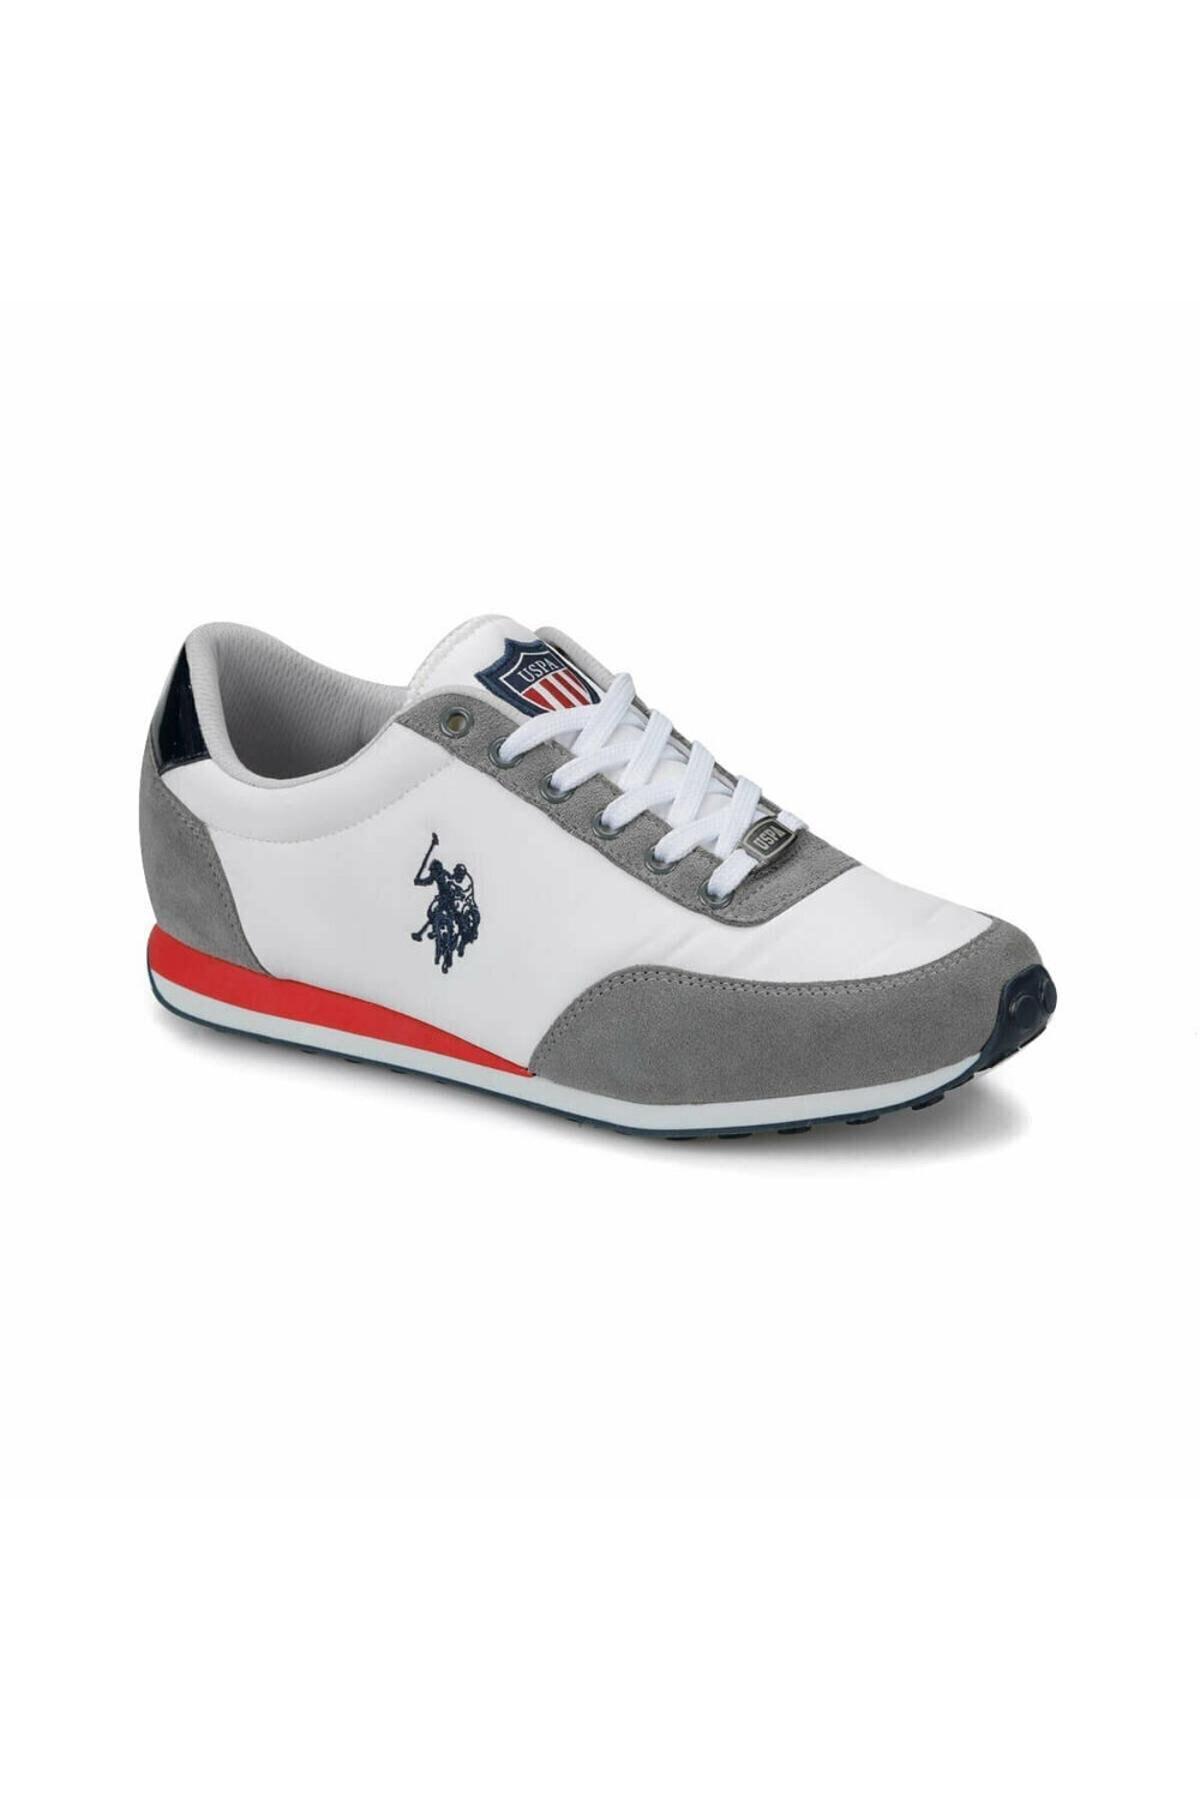 U.S. Polo Assn. Pacific Beyaz Erkek Spor Ayakkabı 1